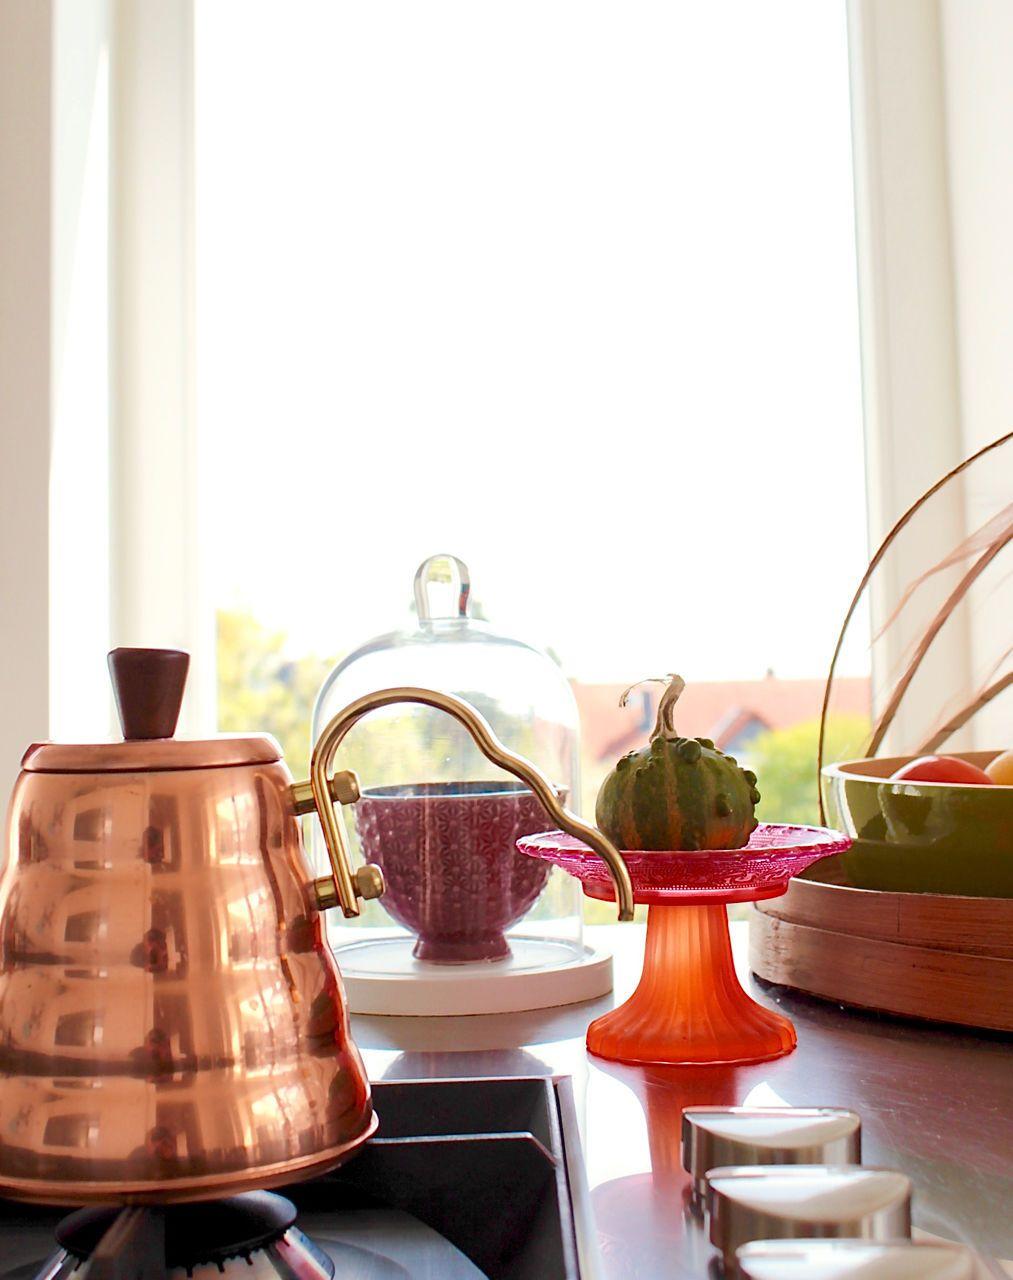 Fein Retro Stil Küchengeräte Zeitgenössisch - Ideen Für Die Küche ...